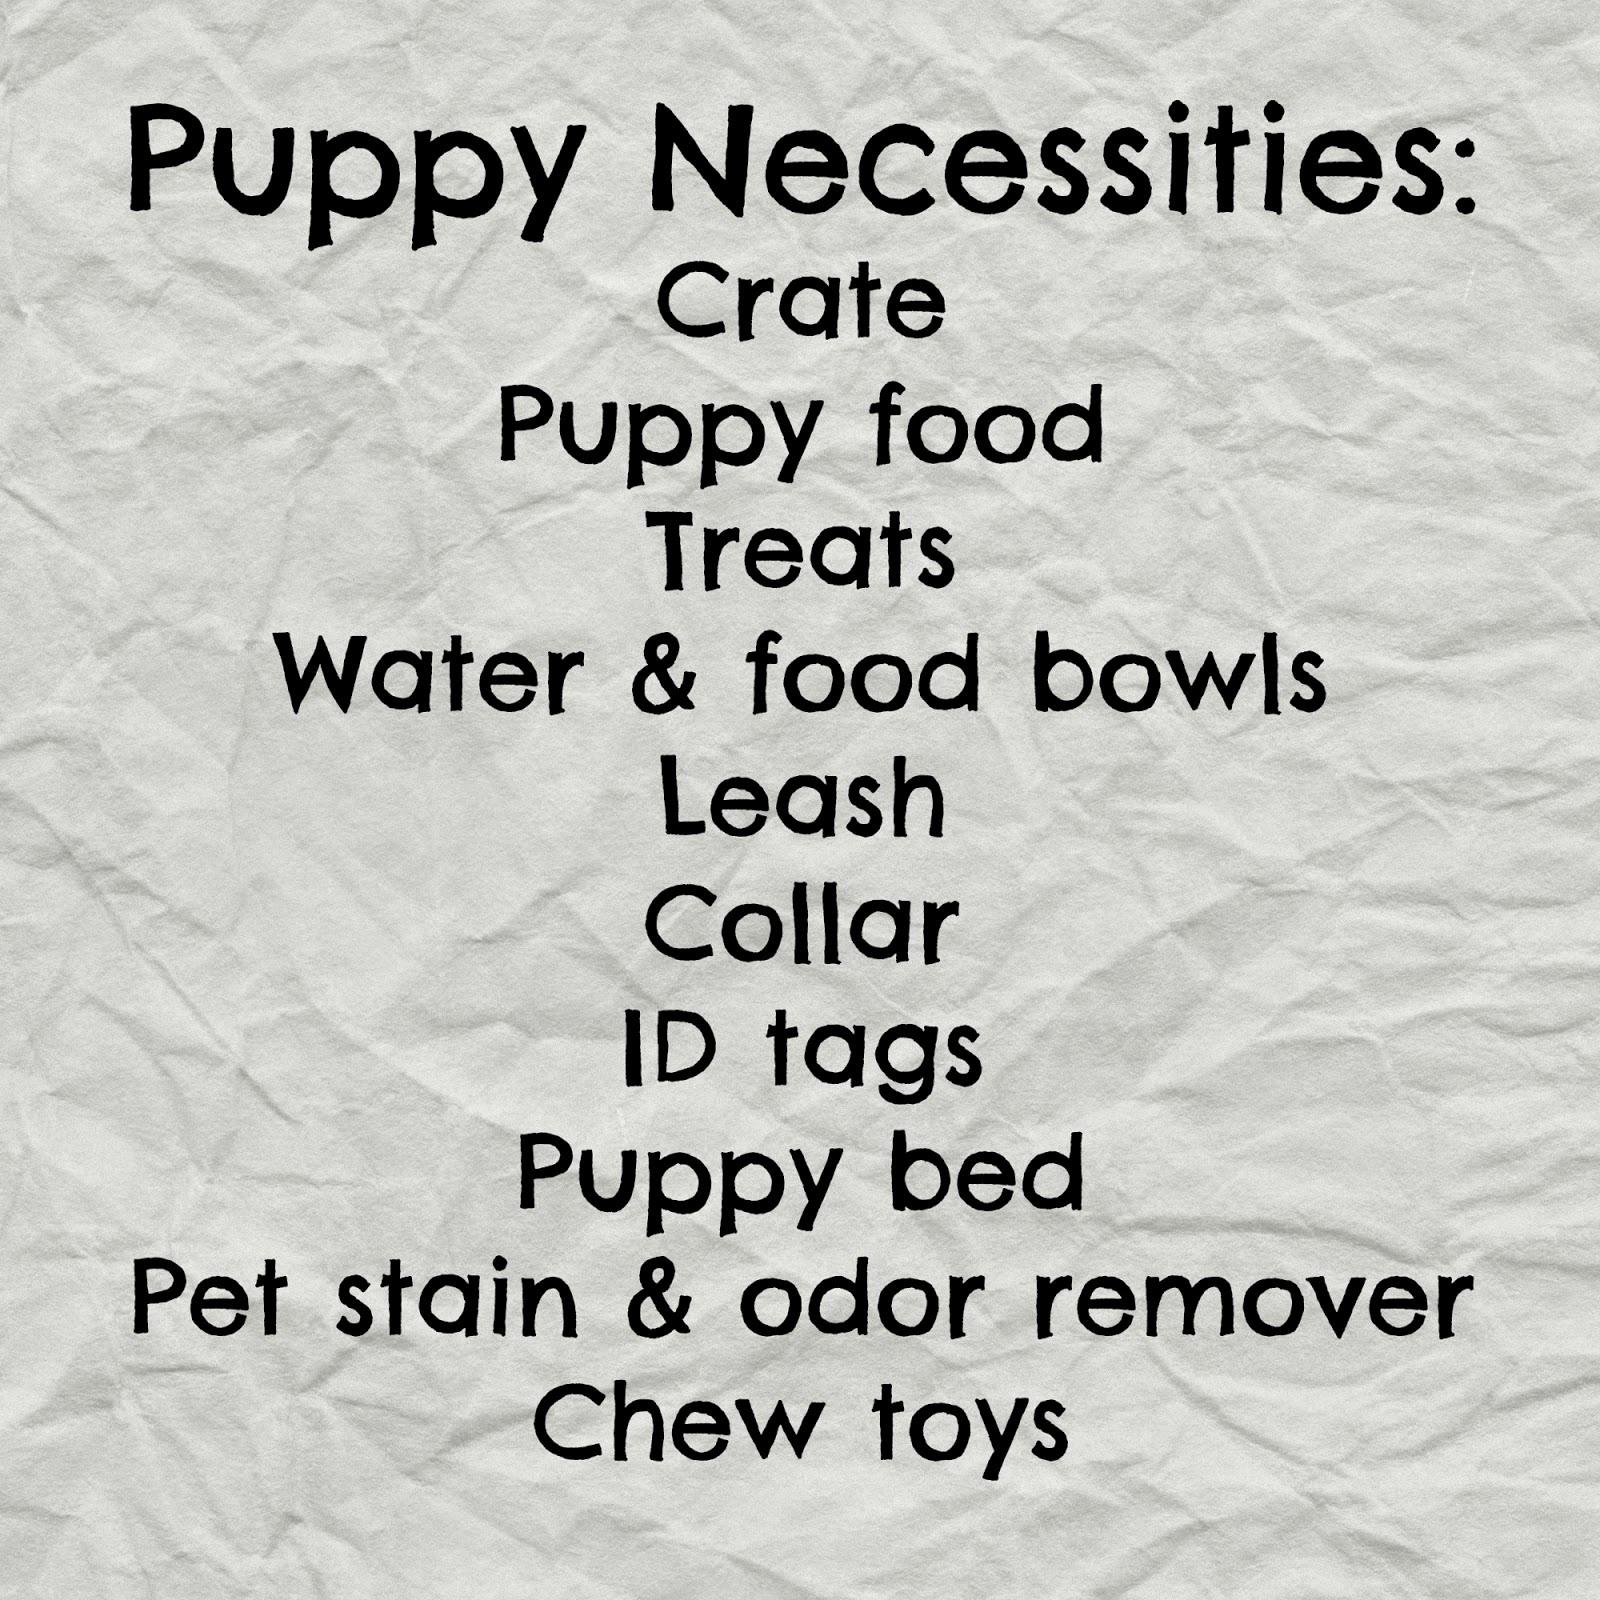 Puppy Shopping Checklist